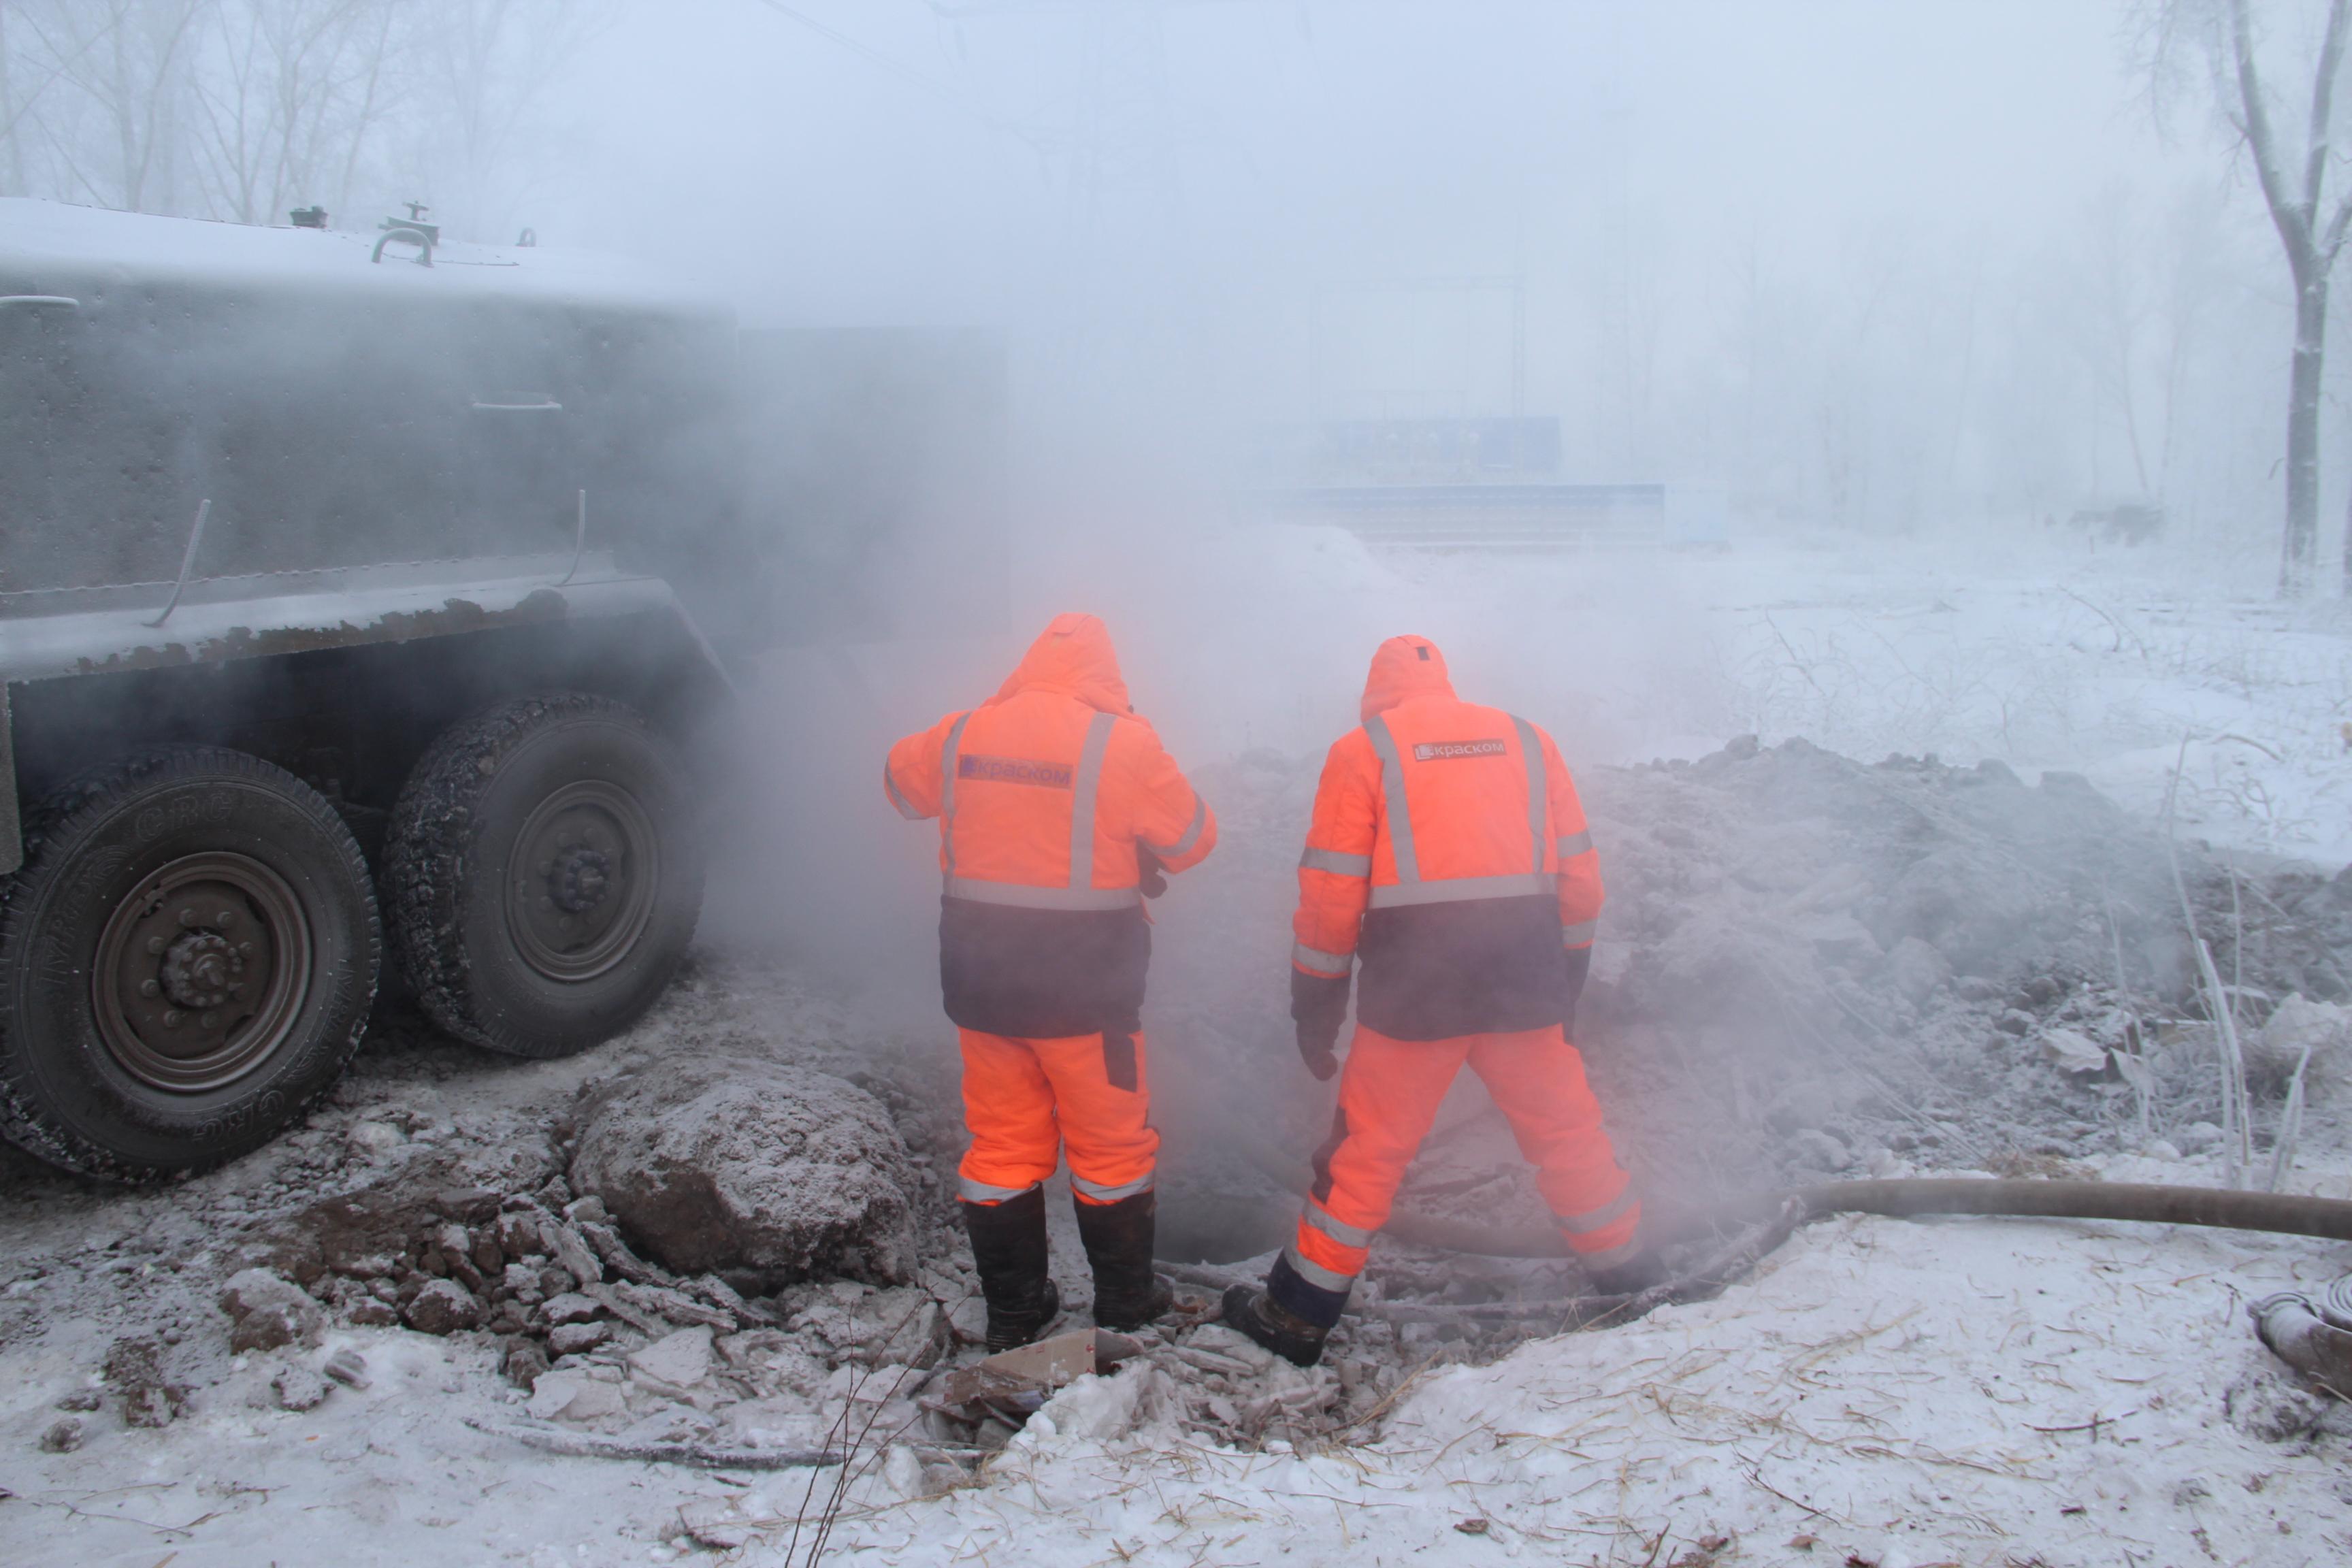 Холодная вода подается в Свердловский район в полном объеме. Аварийный участок выведен из схемы водоснабжения района. Восстановительные работы продолжаются.